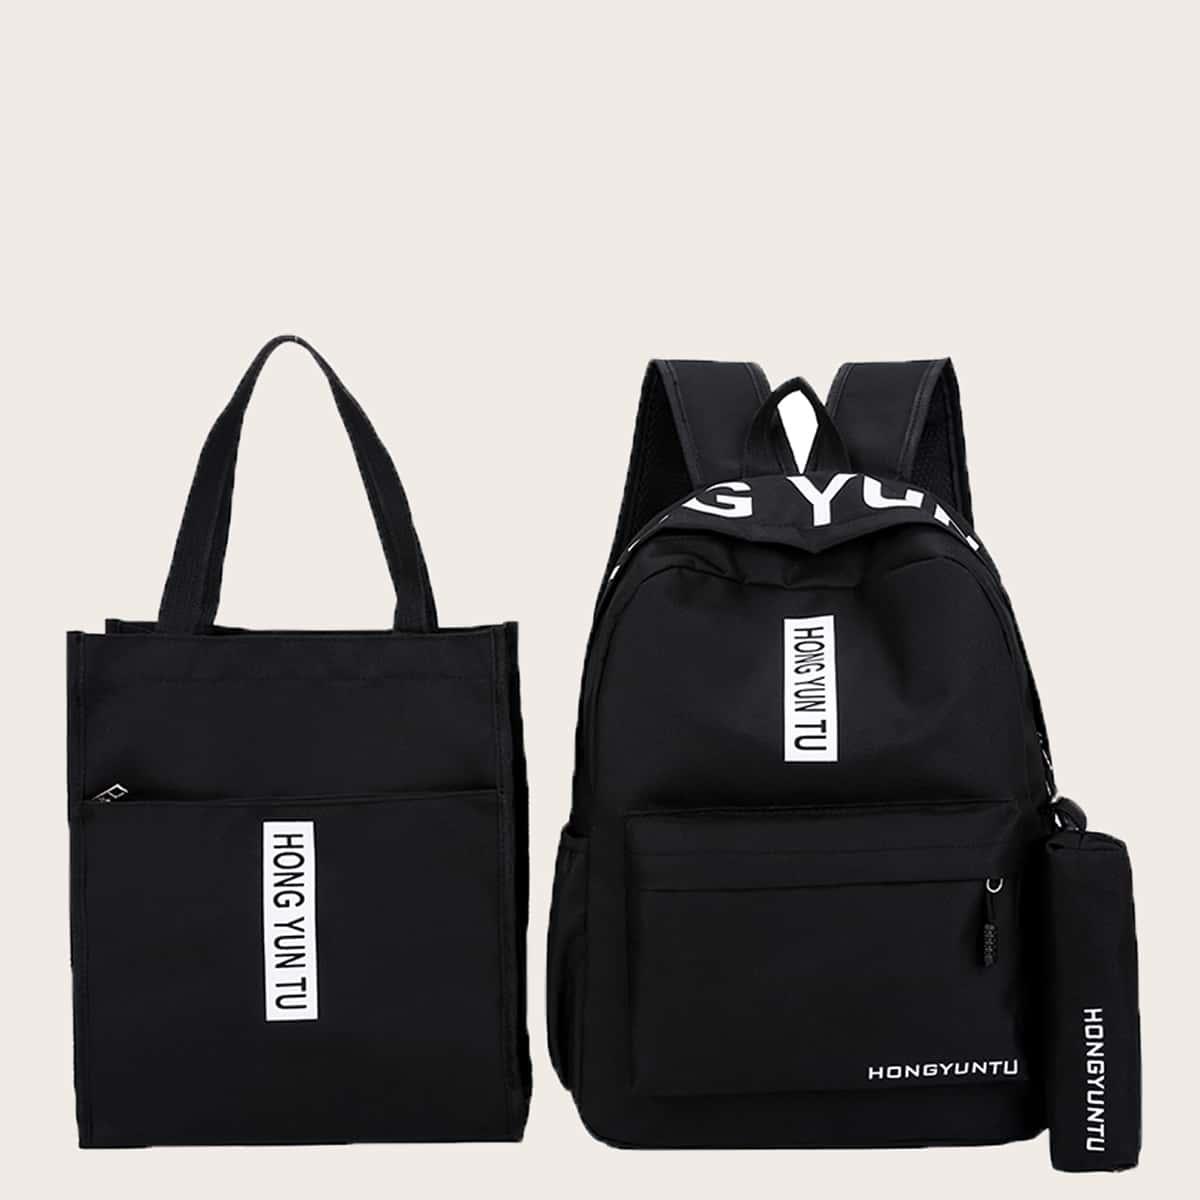 3шт Набор сумок с текстовым принтом SHEIN. Цвет: чёрный